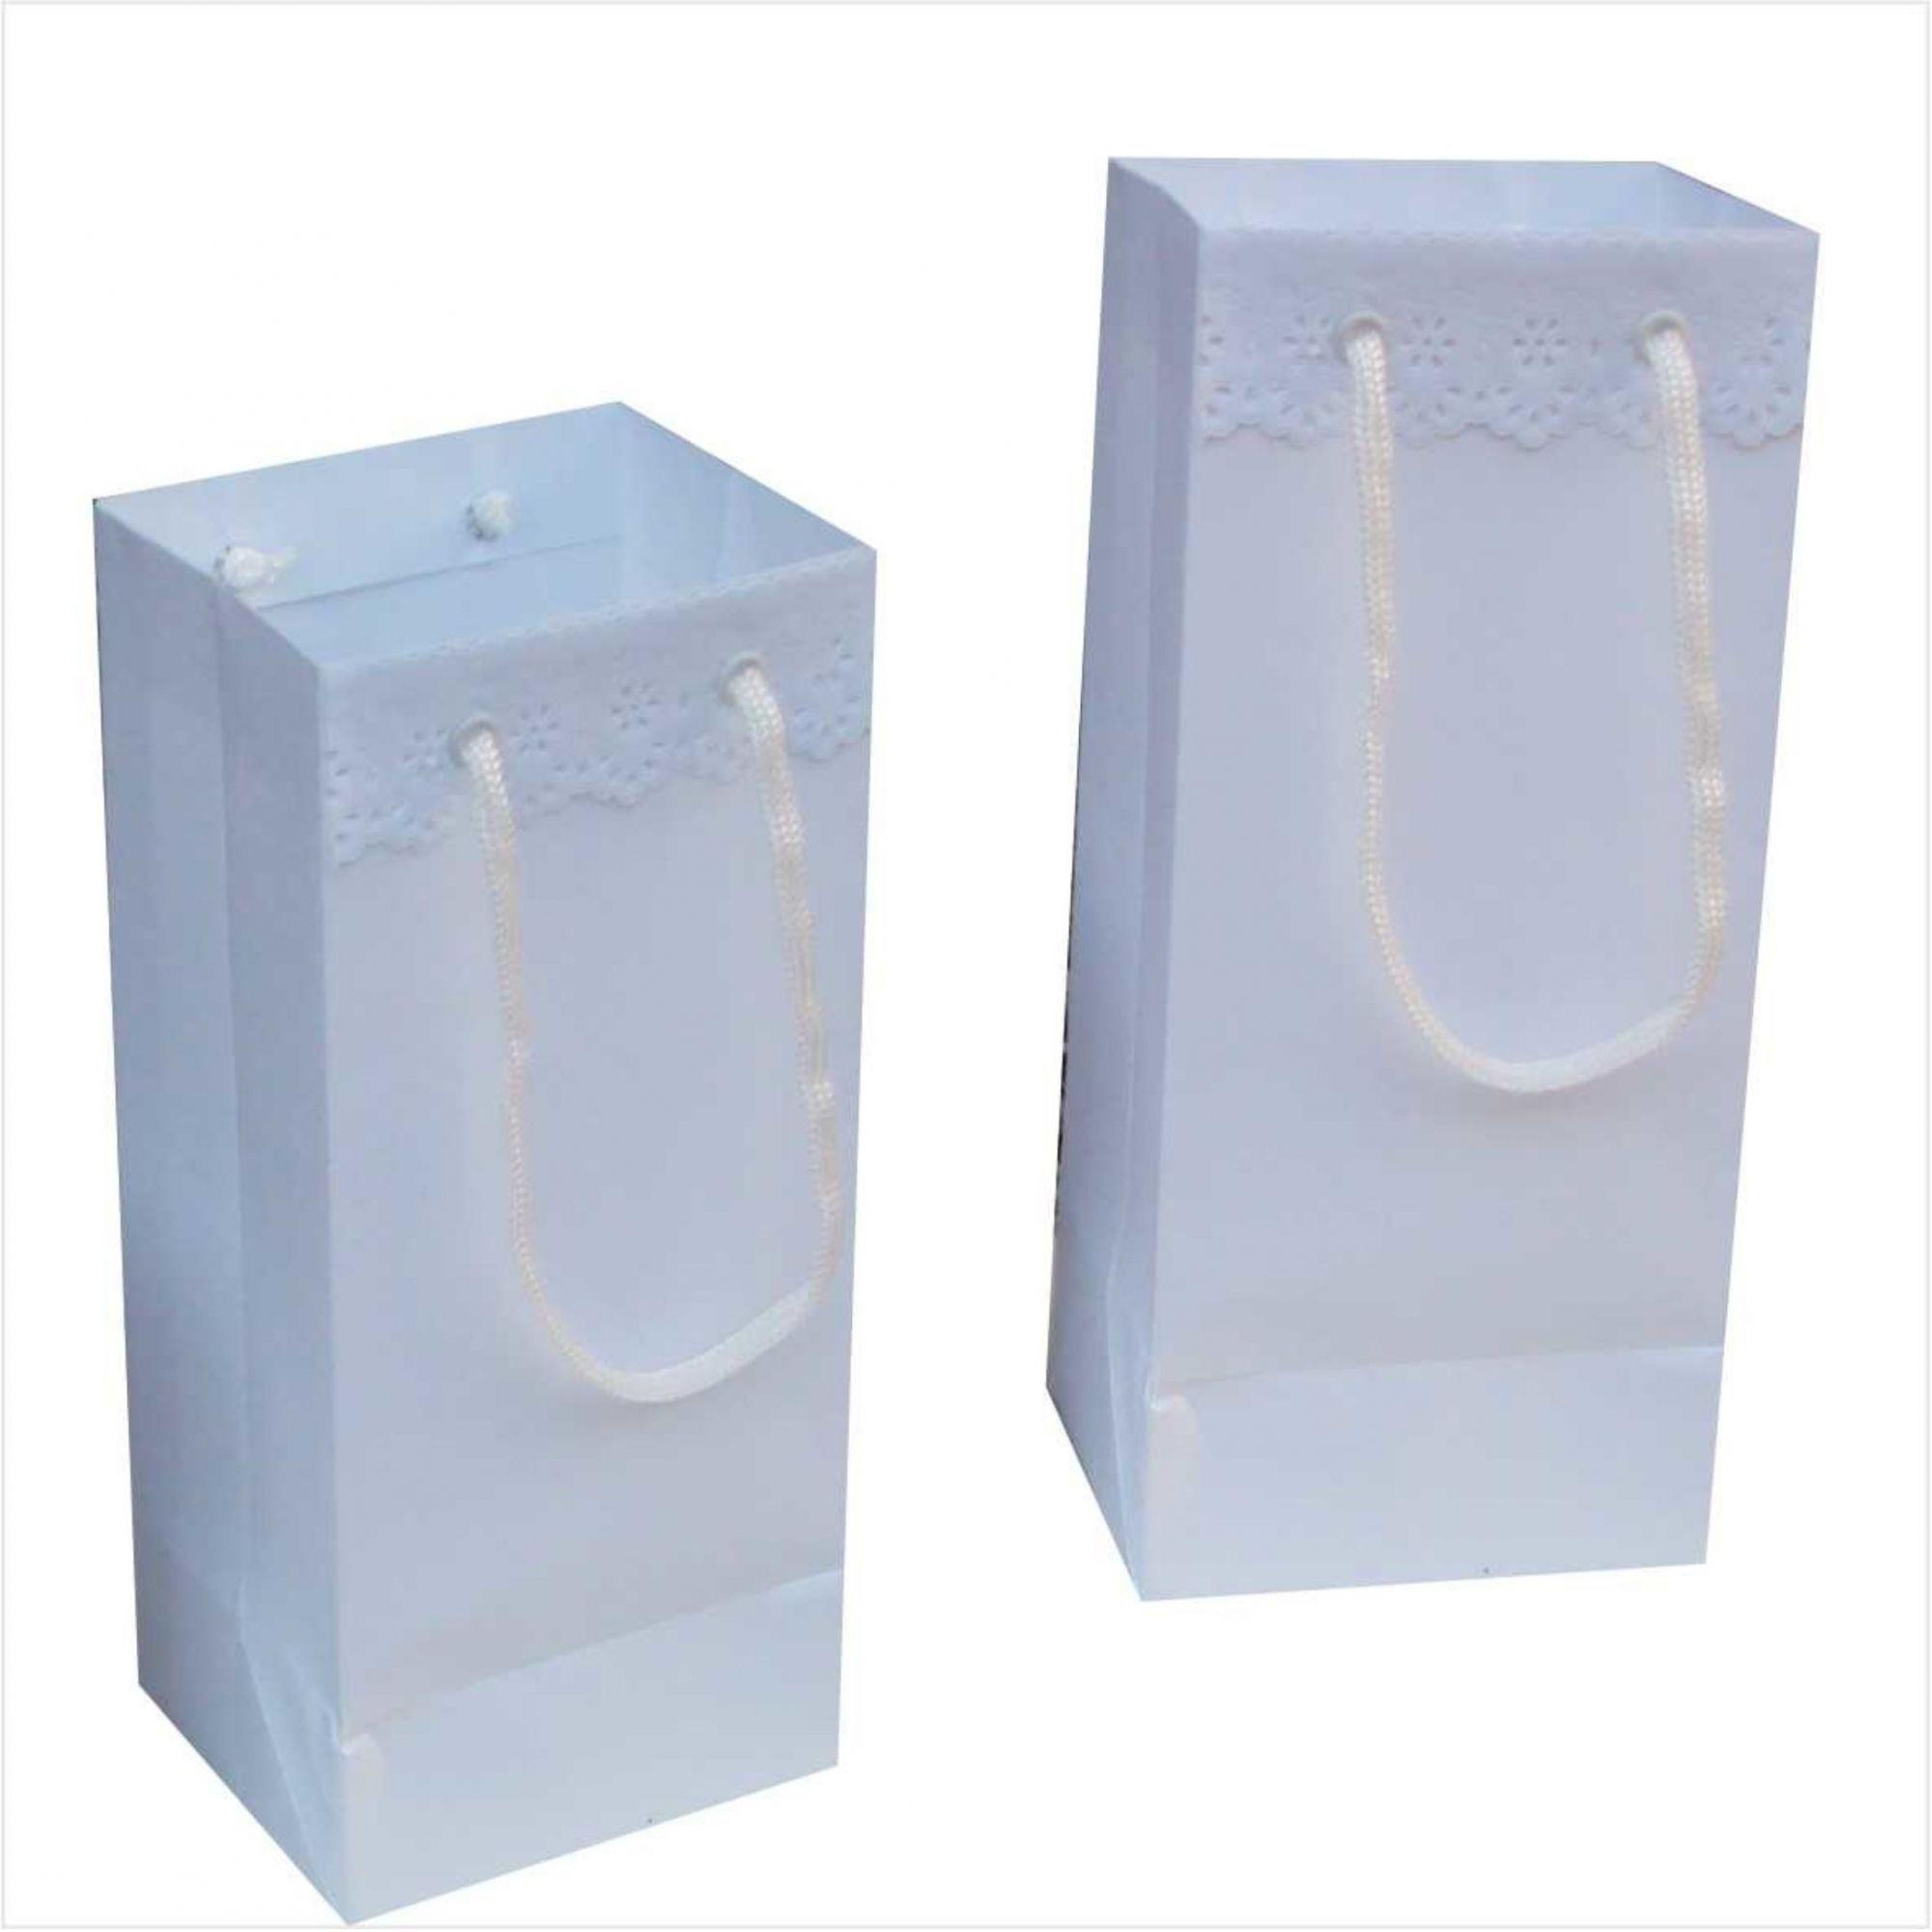 Sacola de papel para mini garrafa - cor branca - com bordado inglês (11x24x9 cm) 10 unidades